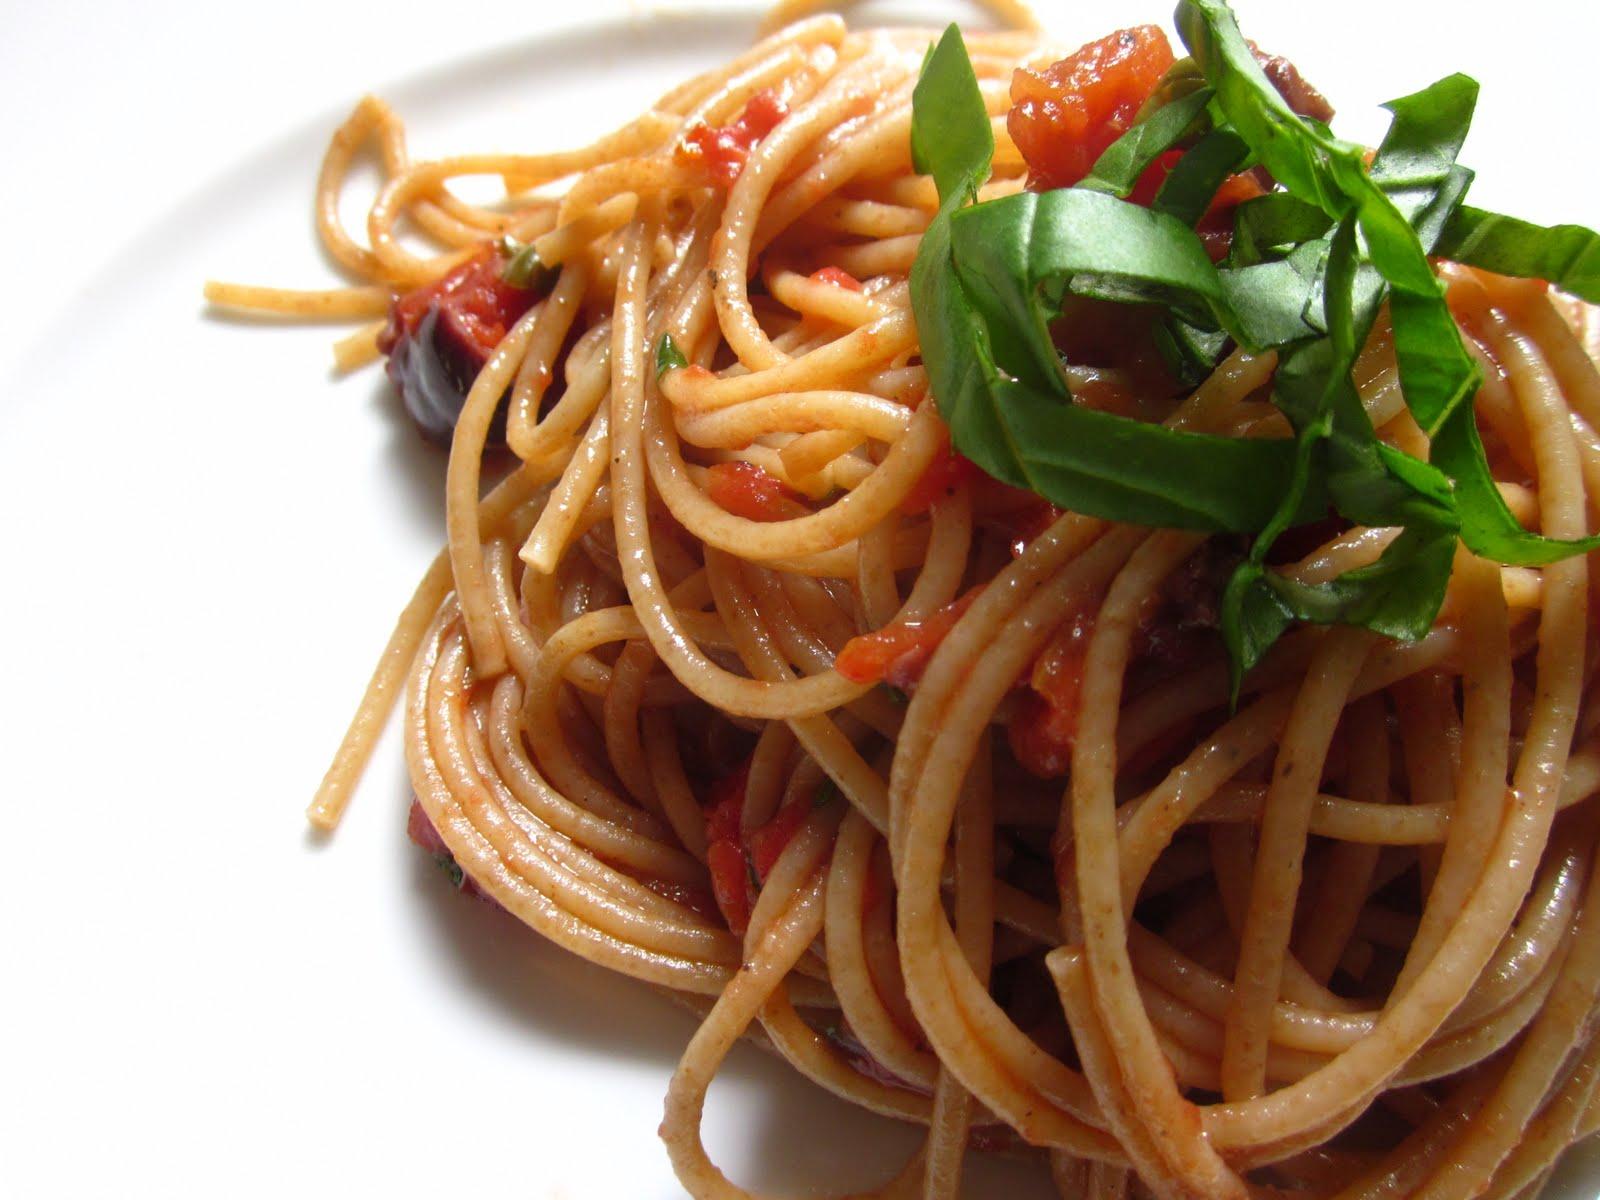 Pastry Prose: Spaghetti alla Puttanesca